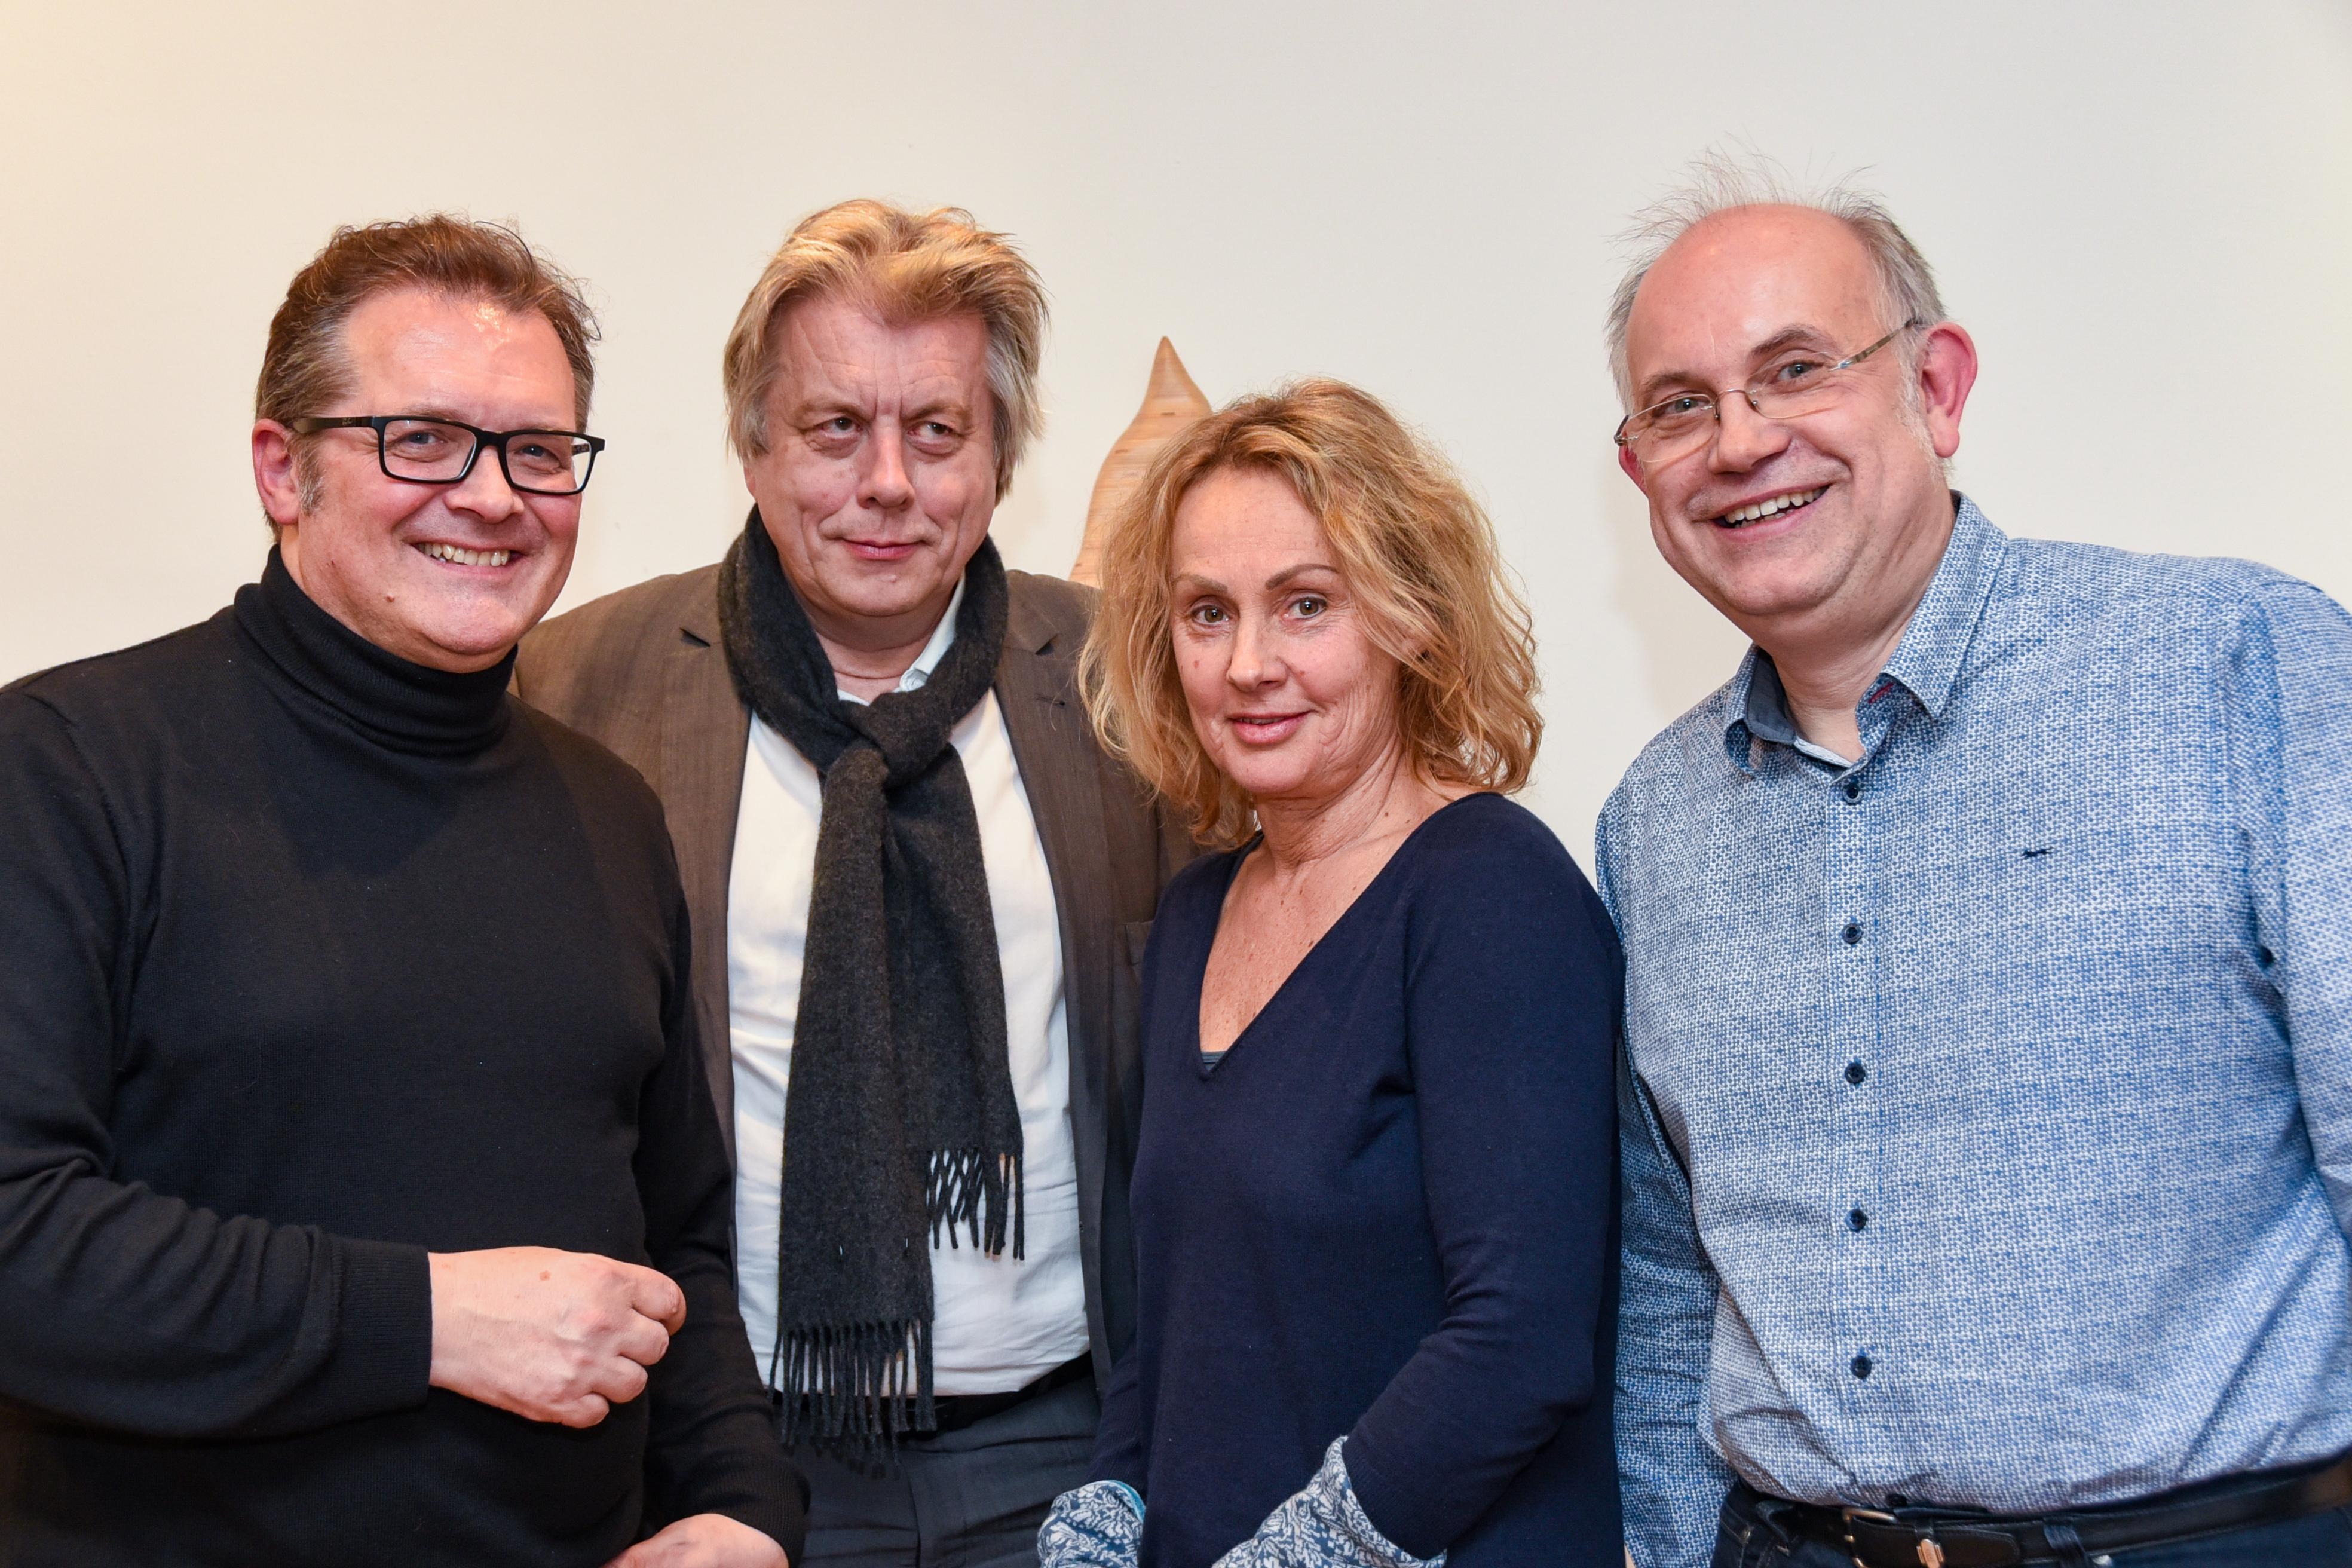 Die vier Vorstandsmitglieder der Kreativen Klasse